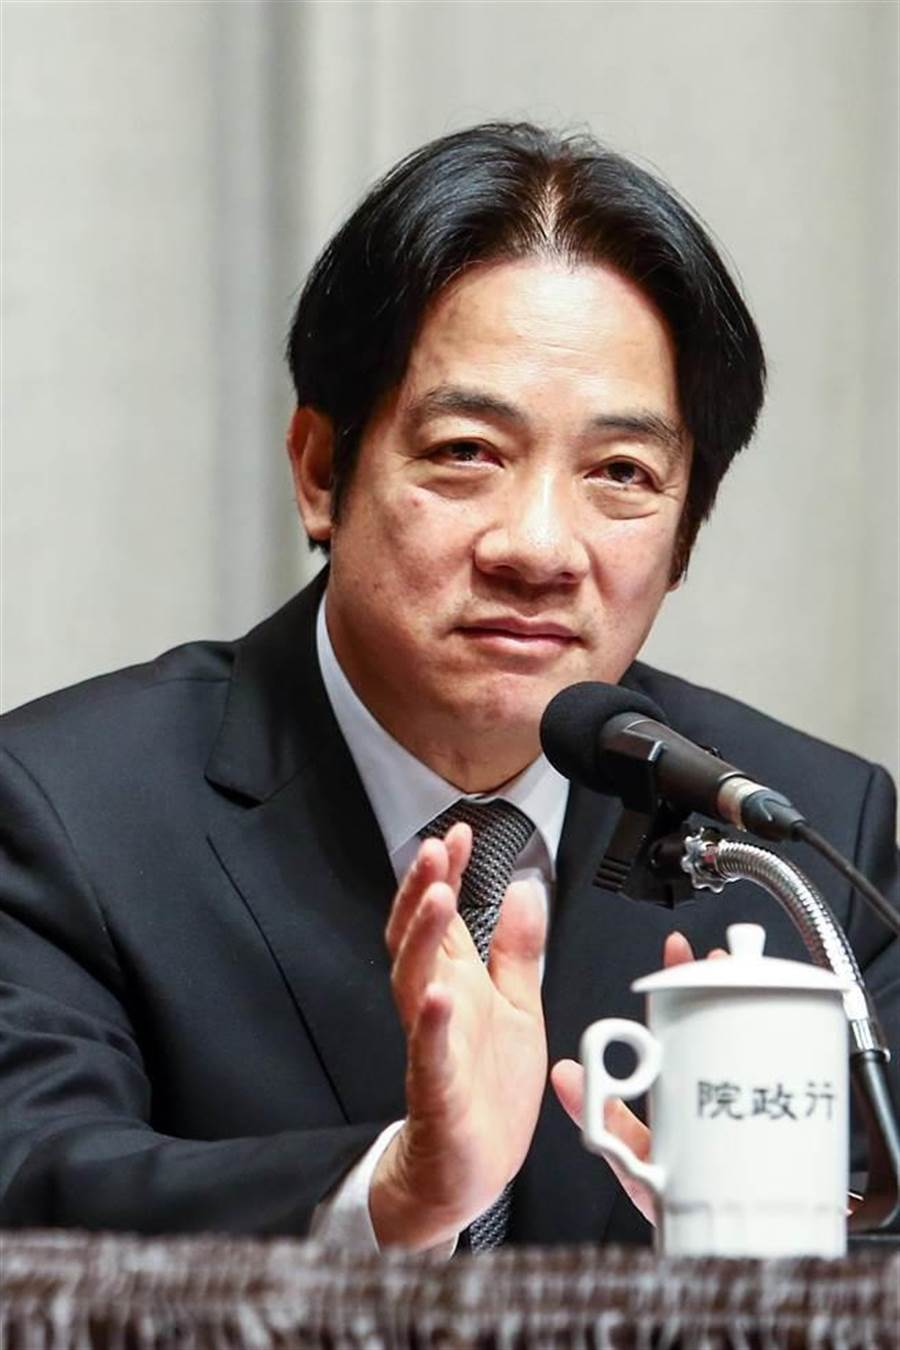 行政院7日舉行「說明選後檢討結果」記者會,院長賴清德(圖)表示:他堅定的來、堅定的留下,也會堅定的離開,這全為了台灣。(鄧博仁攝)